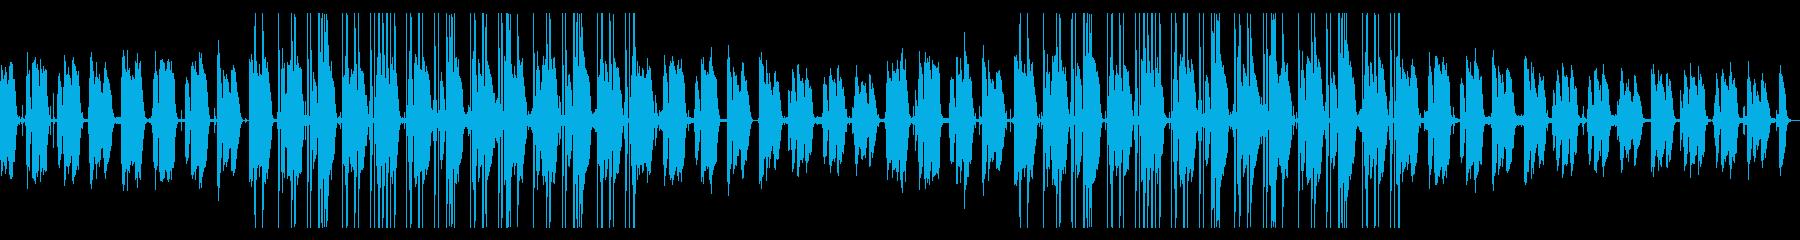 都会的 JazzyなLoFiHipHopの再生済みの波形